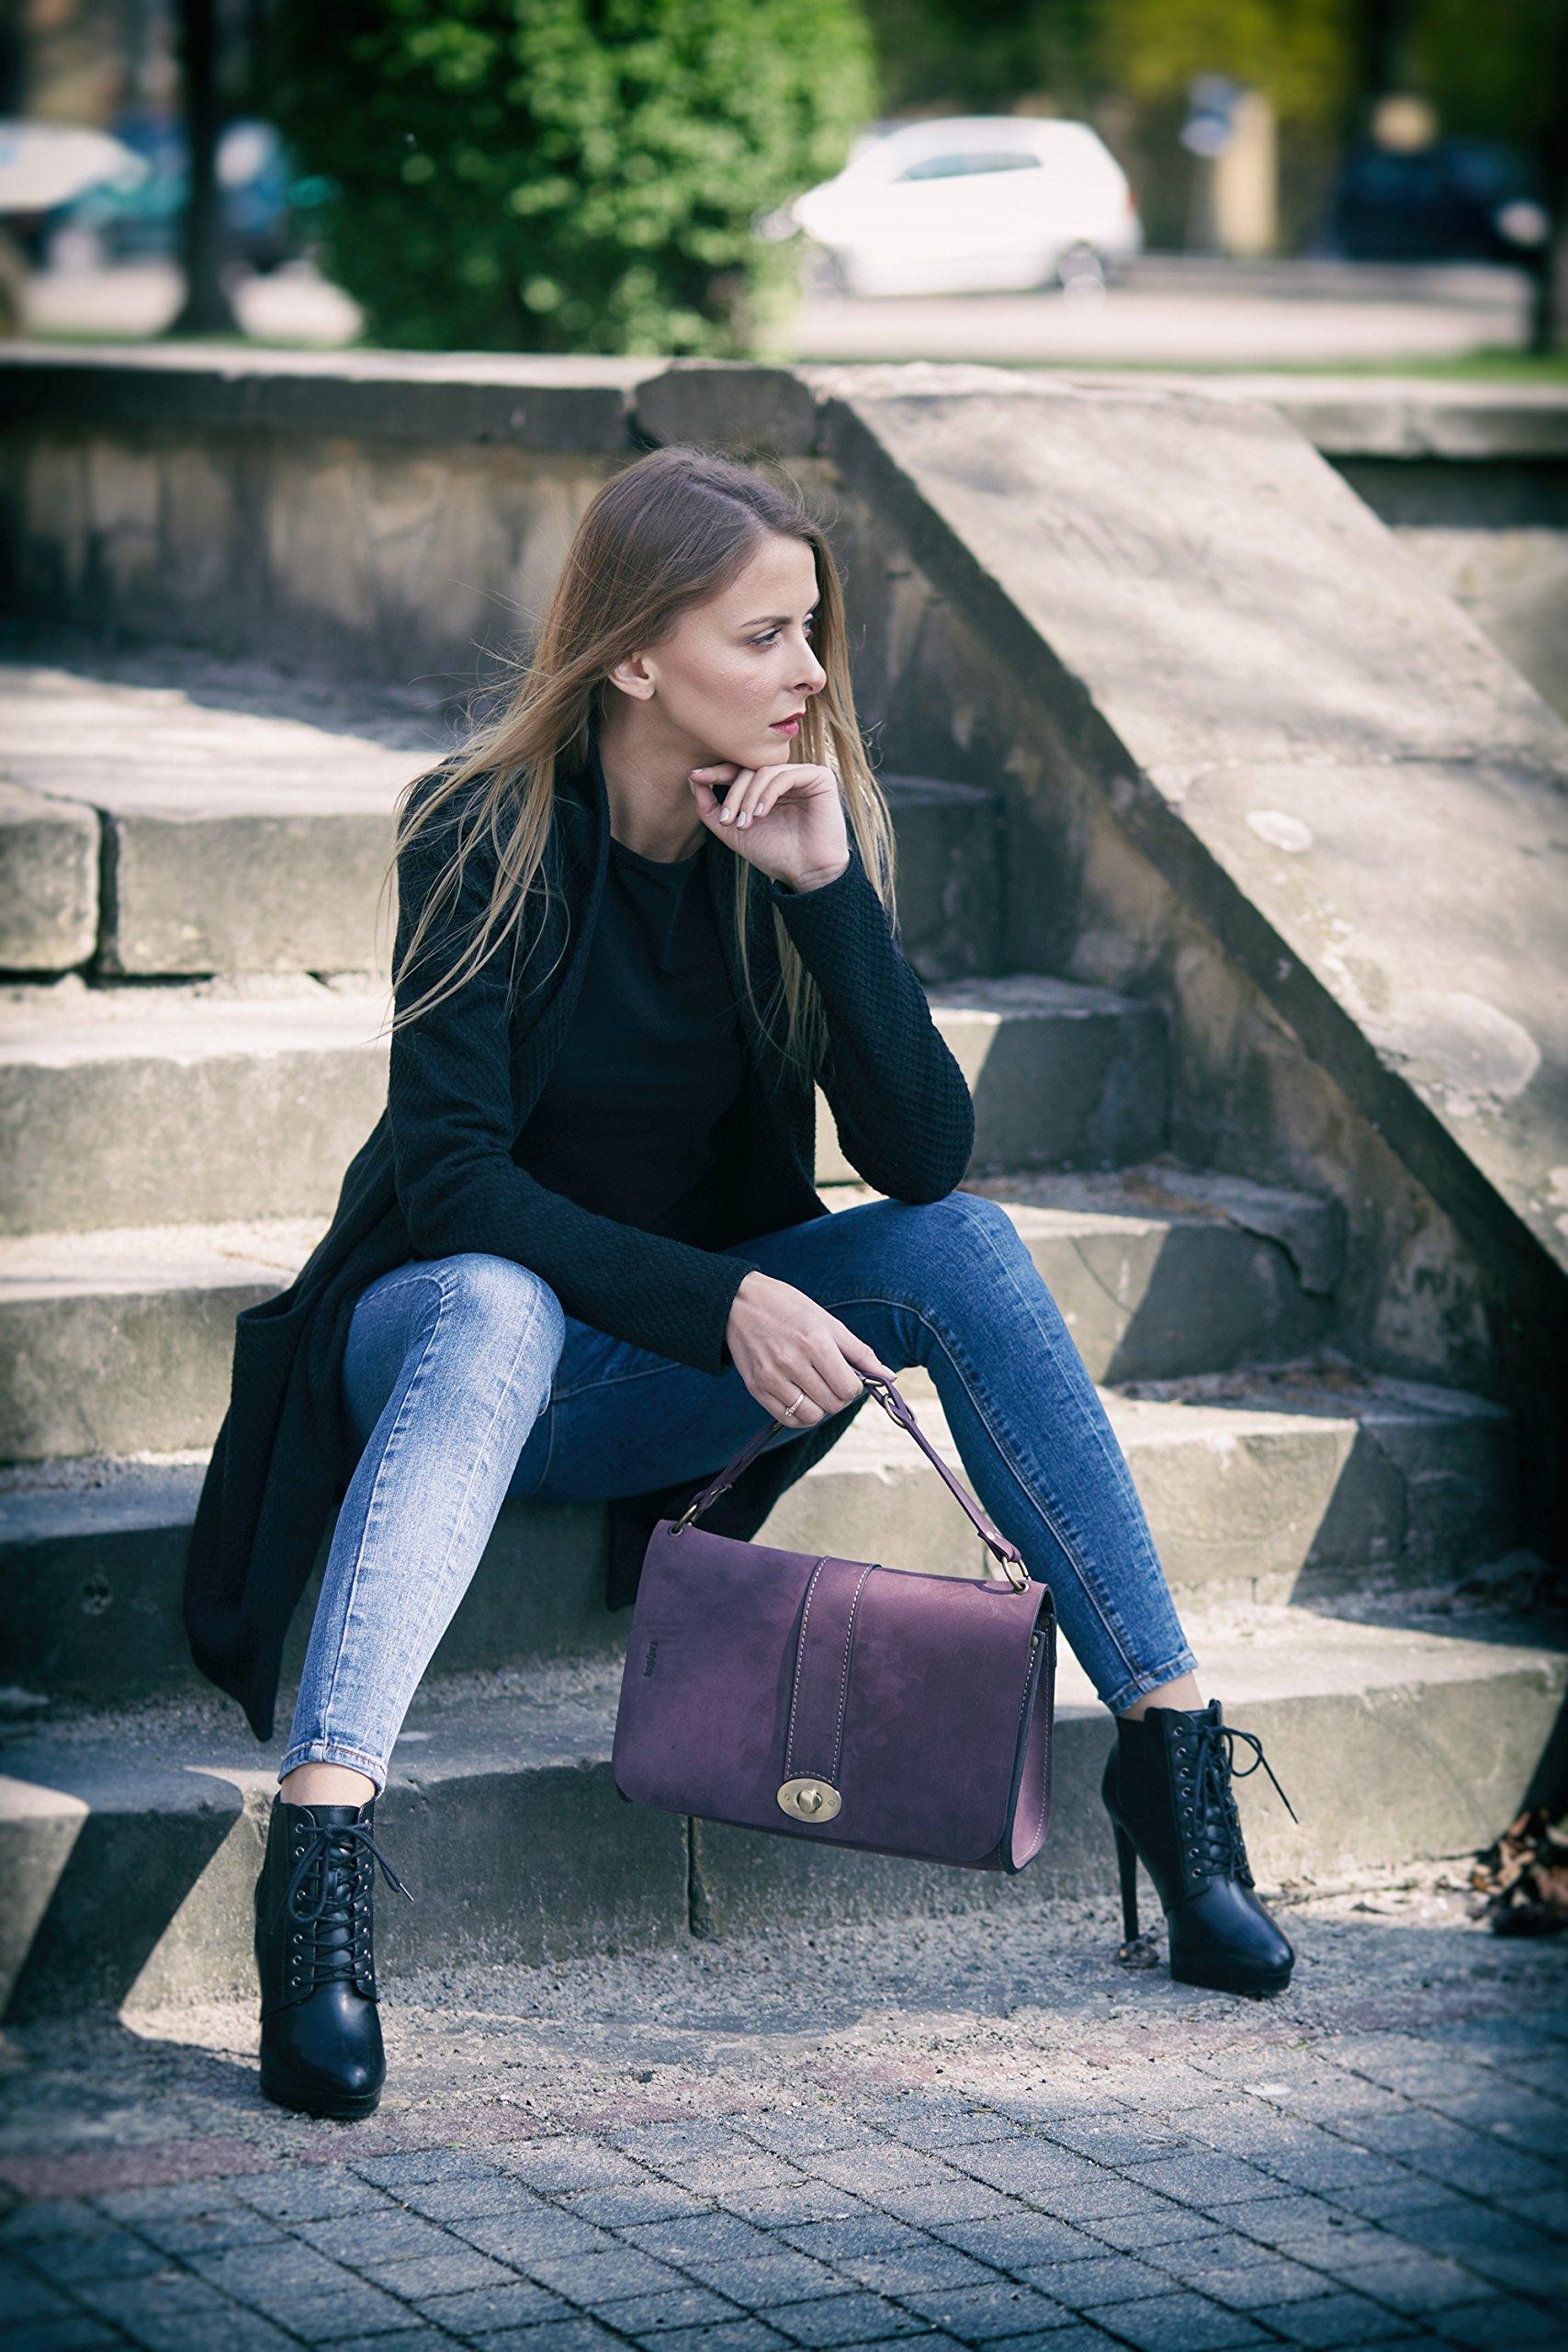 Handmade Leather Bag, Cross Body Bag, Shoulder Bag, Natural Leather, Ella Design Bag, Vintage Style, Plum Color, NEW